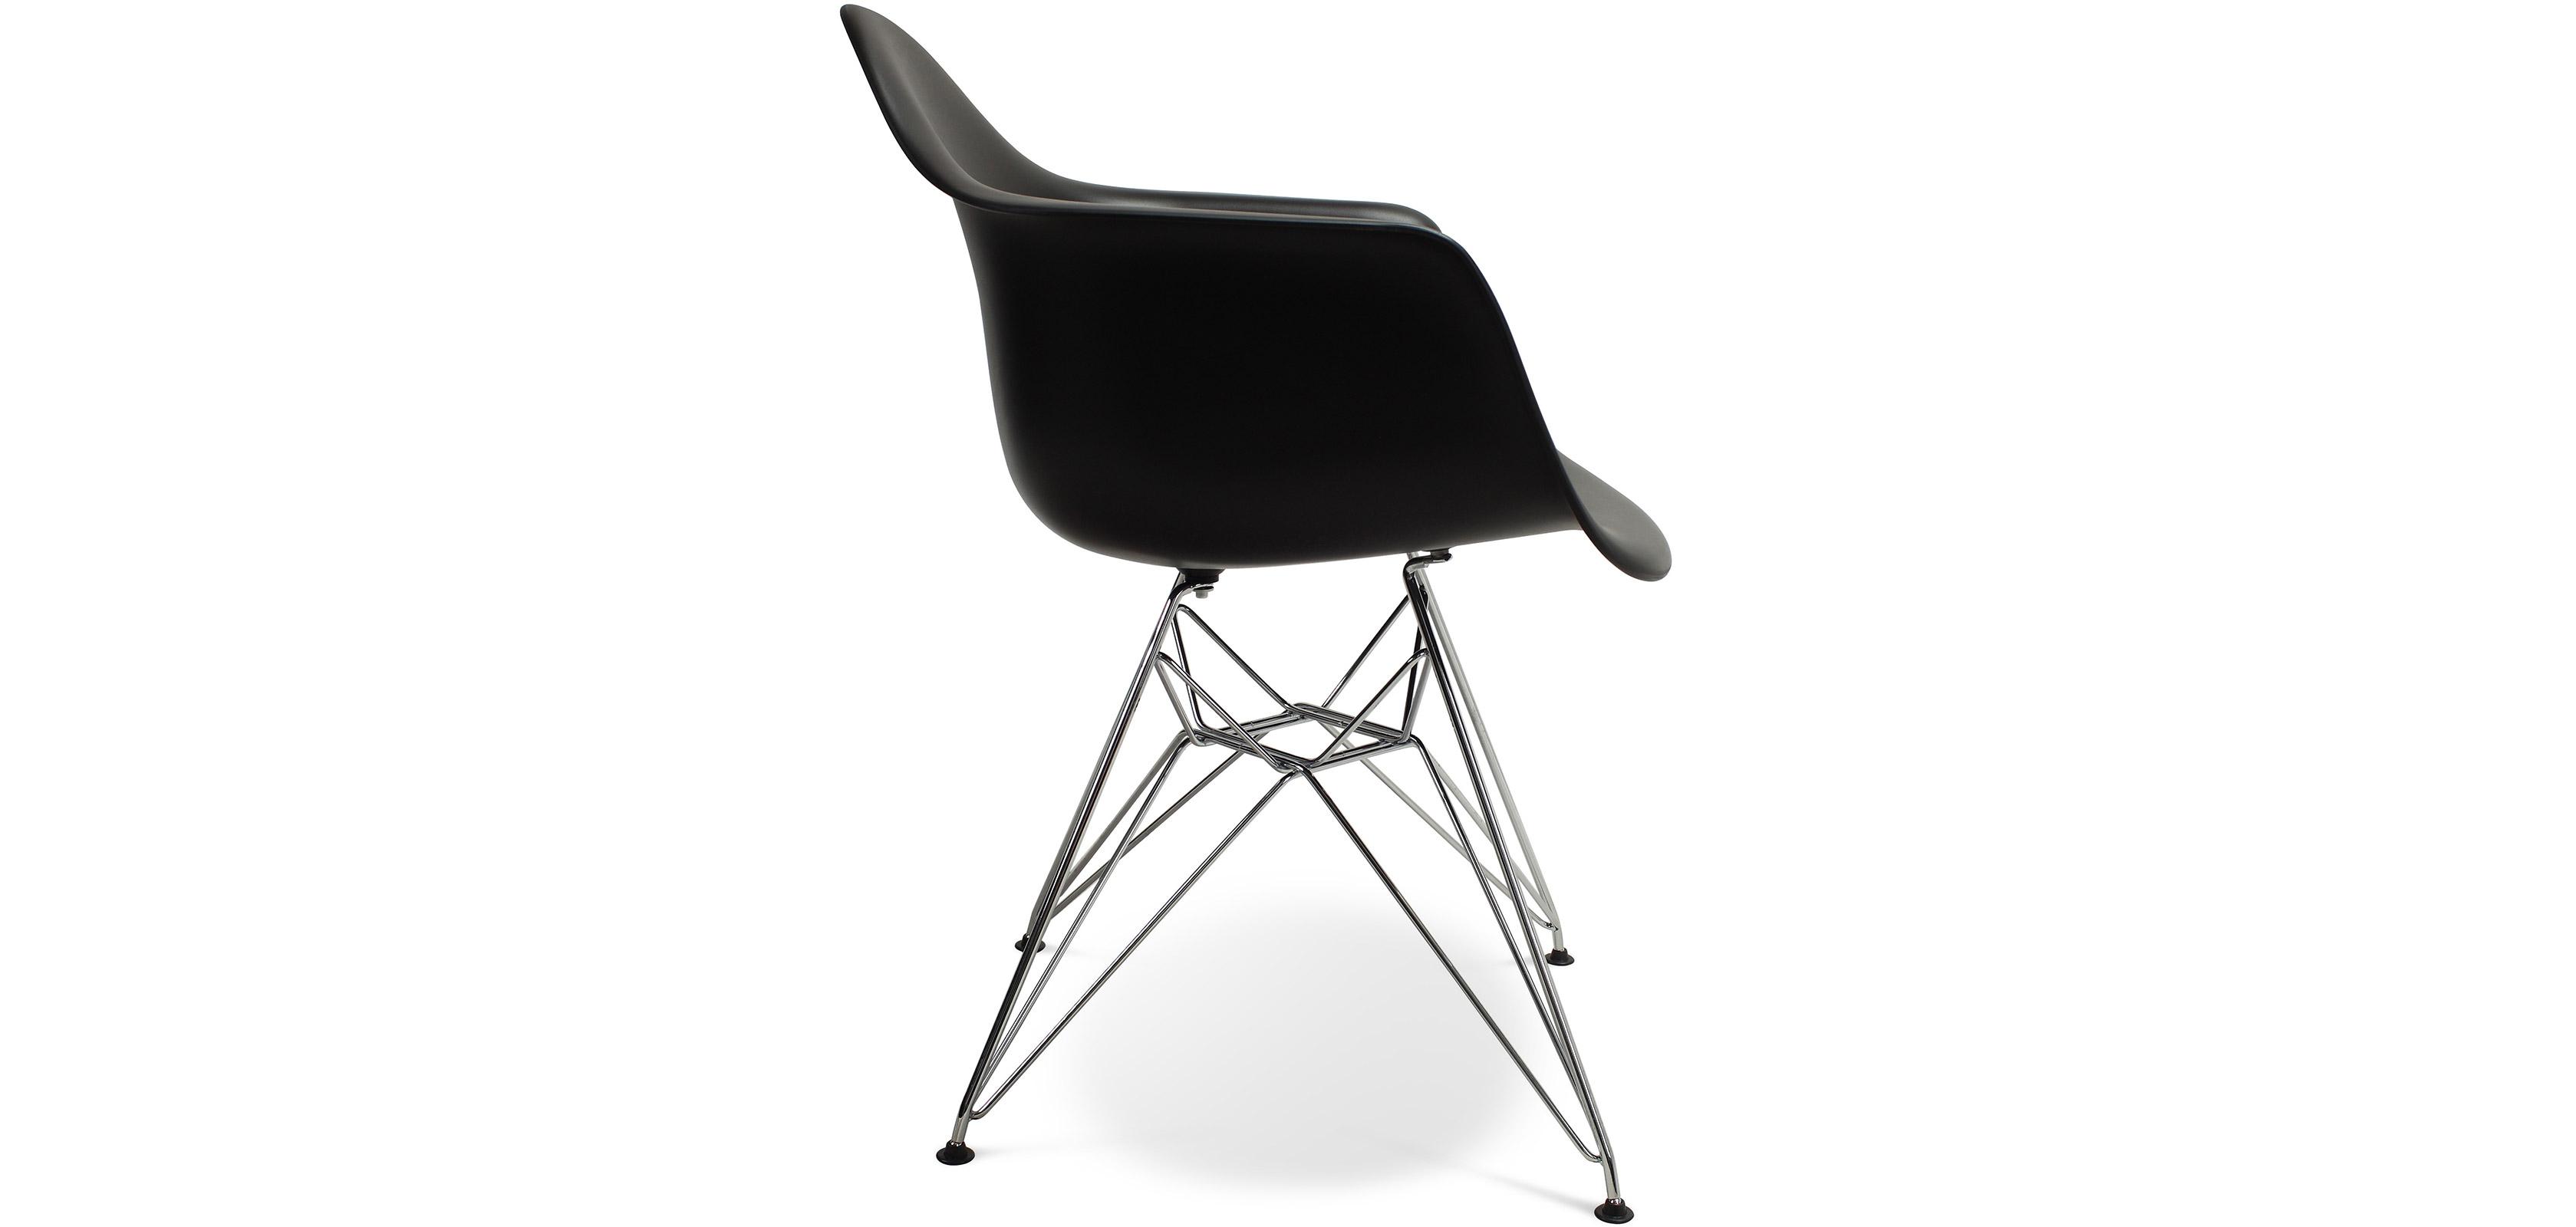 dar stuhl charles eames. Black Bedroom Furniture Sets. Home Design Ideas